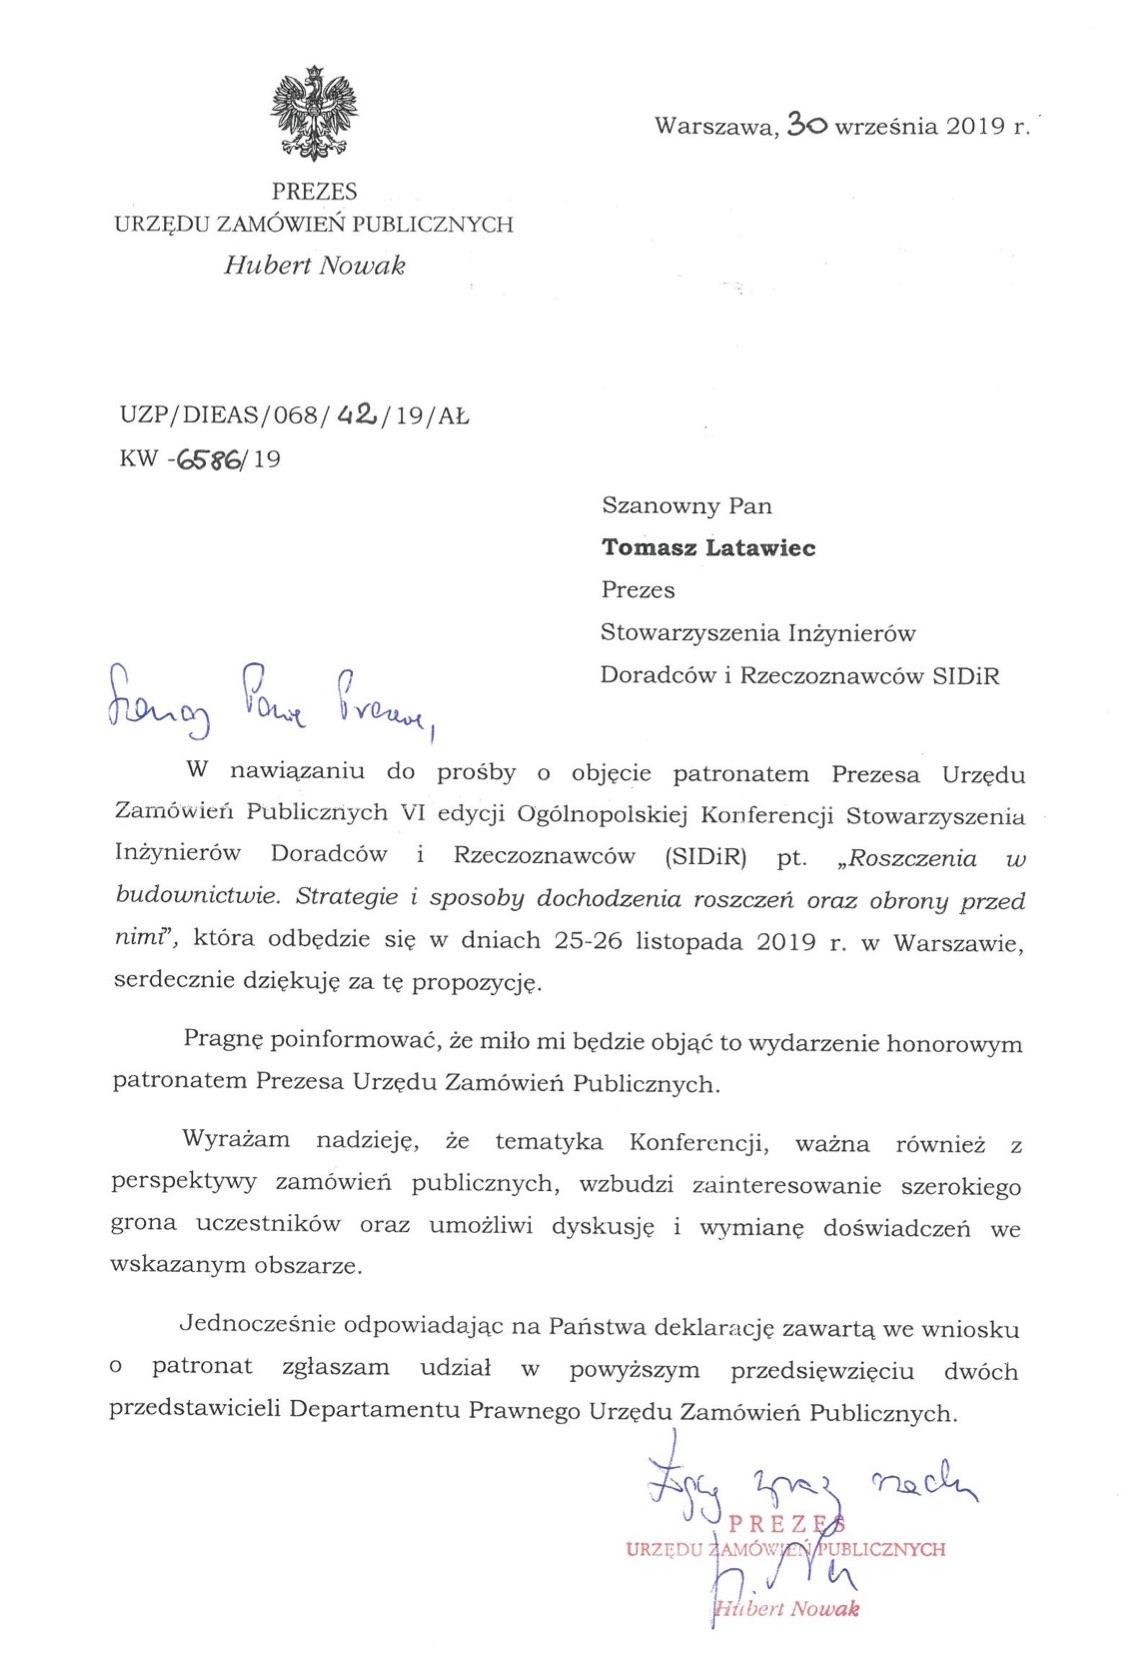 Prezes Urzędu Zamówień Publicznych obejmuje patronat nad Konferencją Roszczenia wbudownictwie